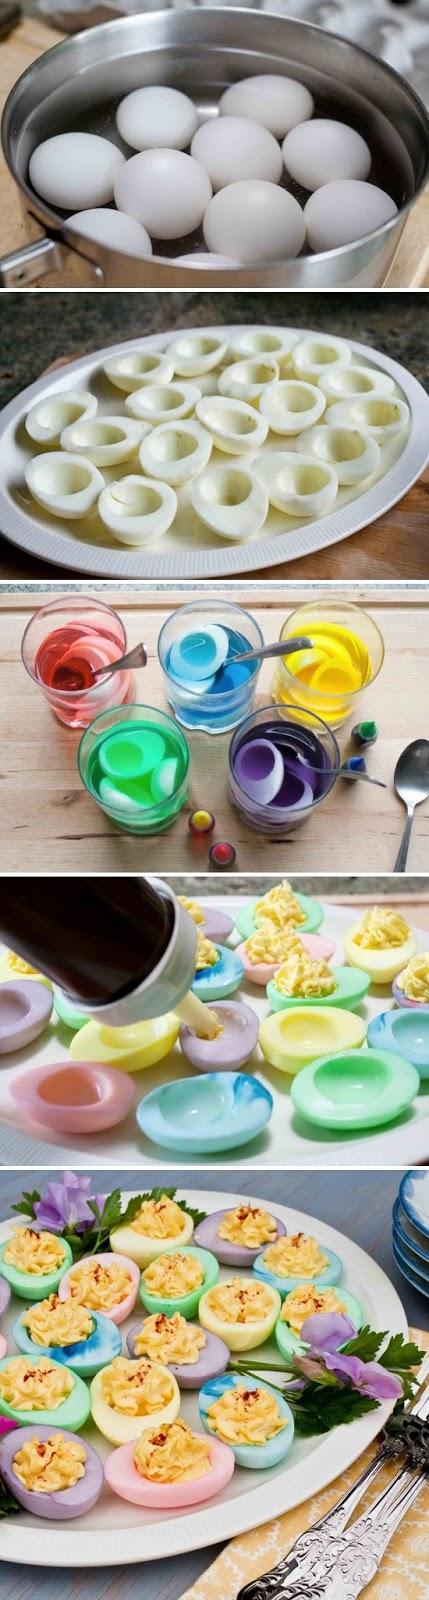 Hard Boiled Easter Eggs